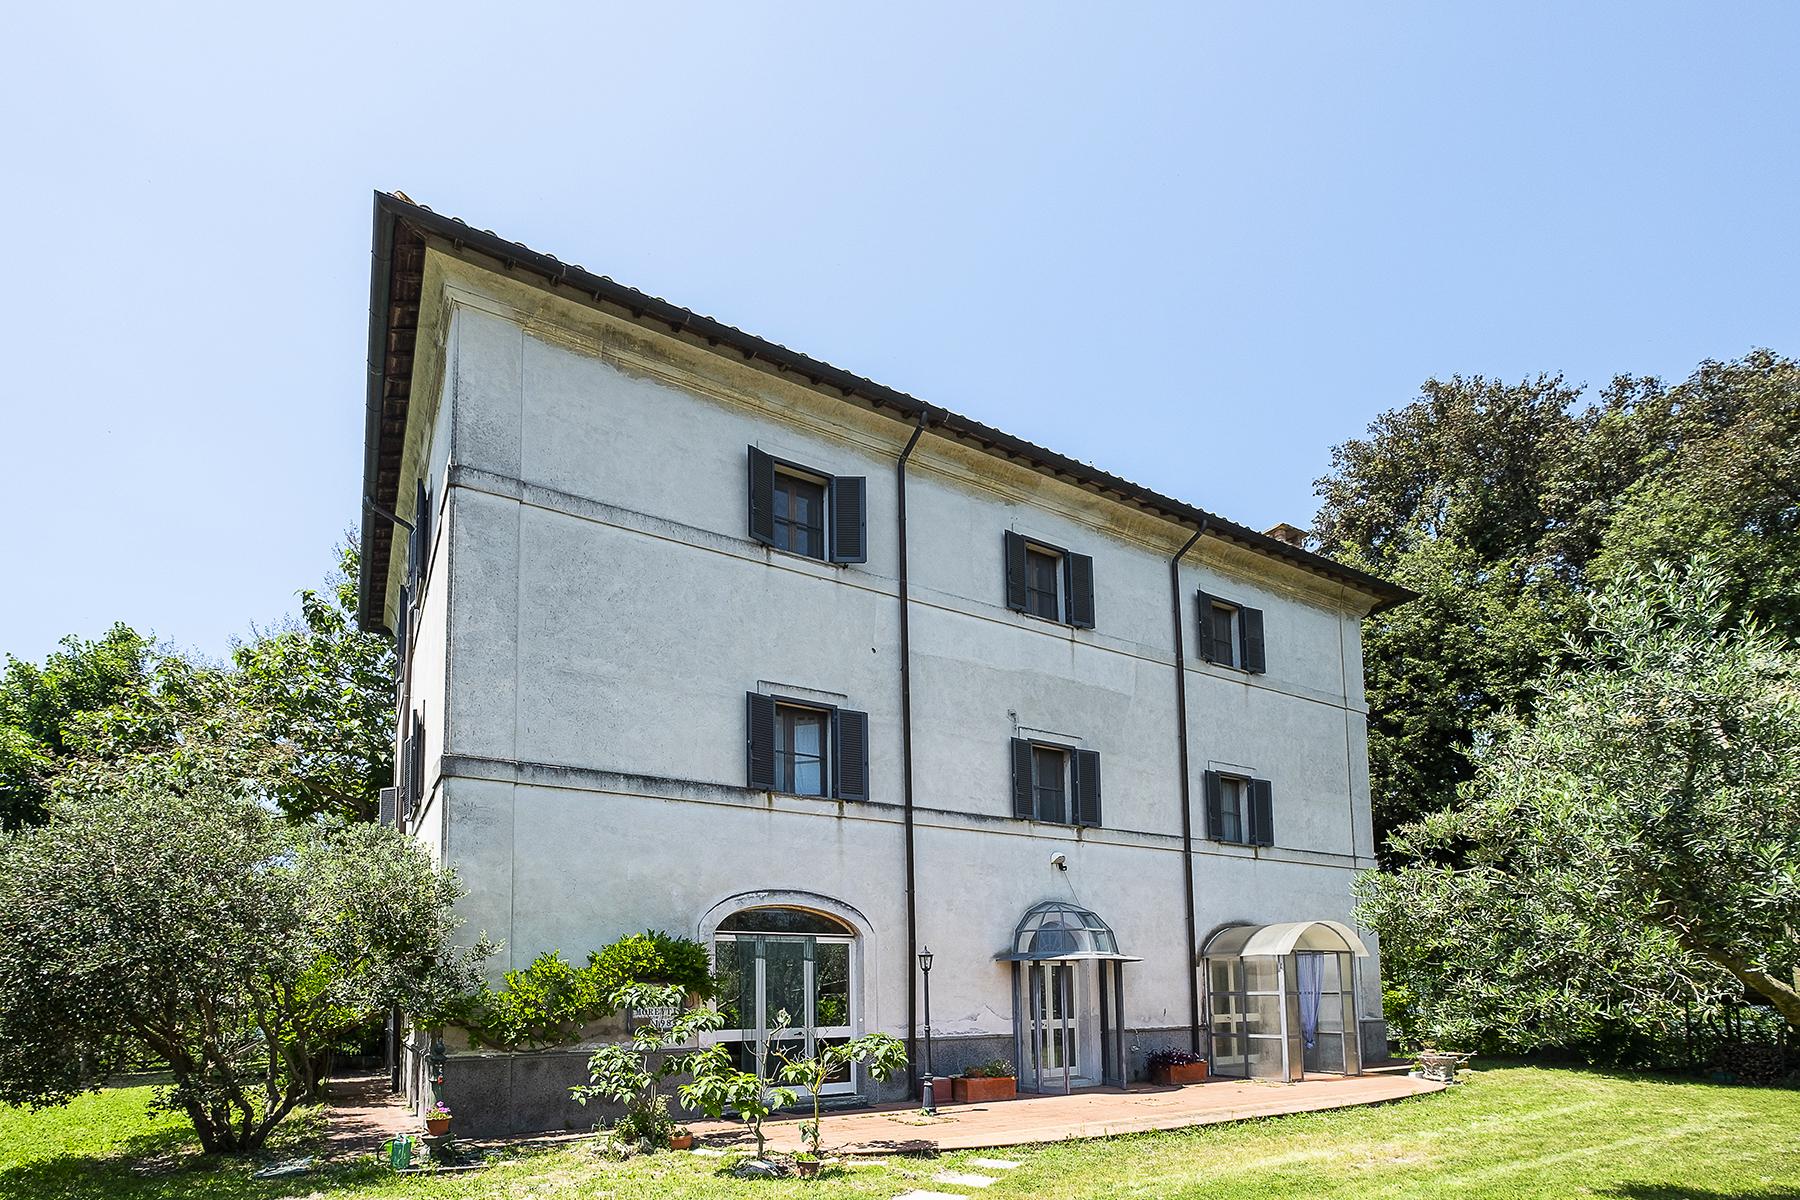 Rustico in Vendita a Magliano Sabina: 5 locali, 490 mq - Foto 3